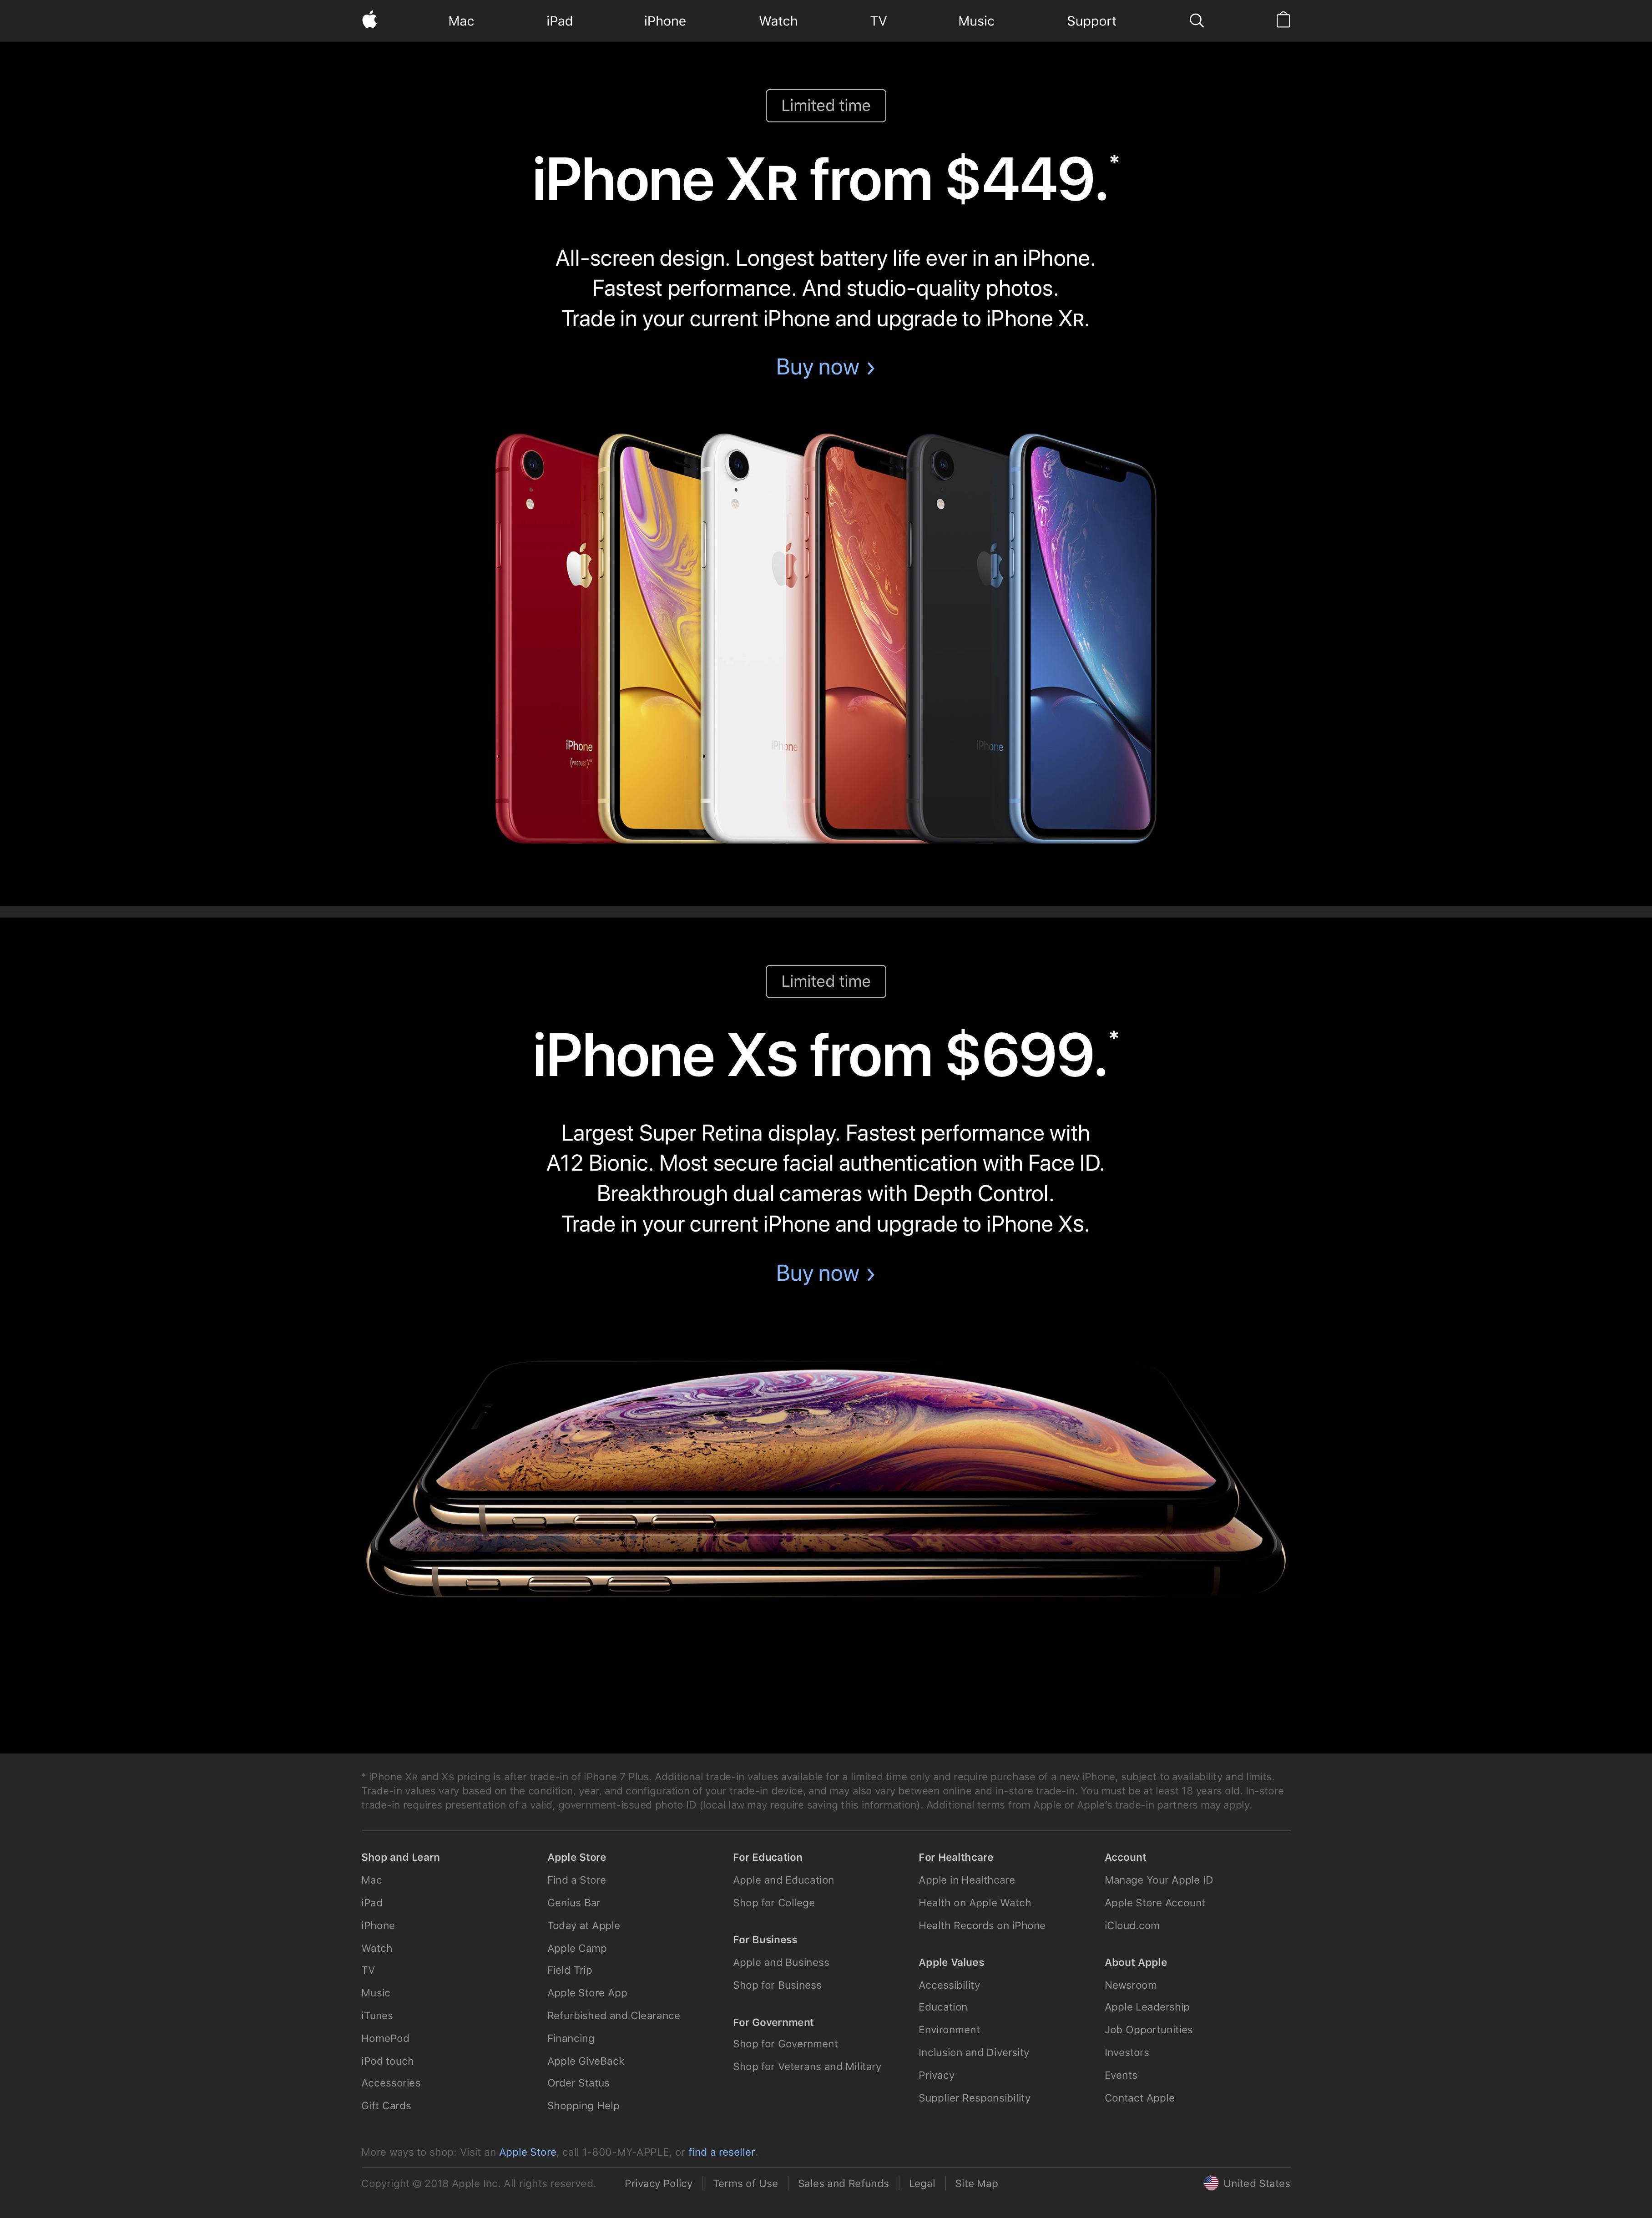 Página inicial da Apple com divulgação pesada dos novos iPhones